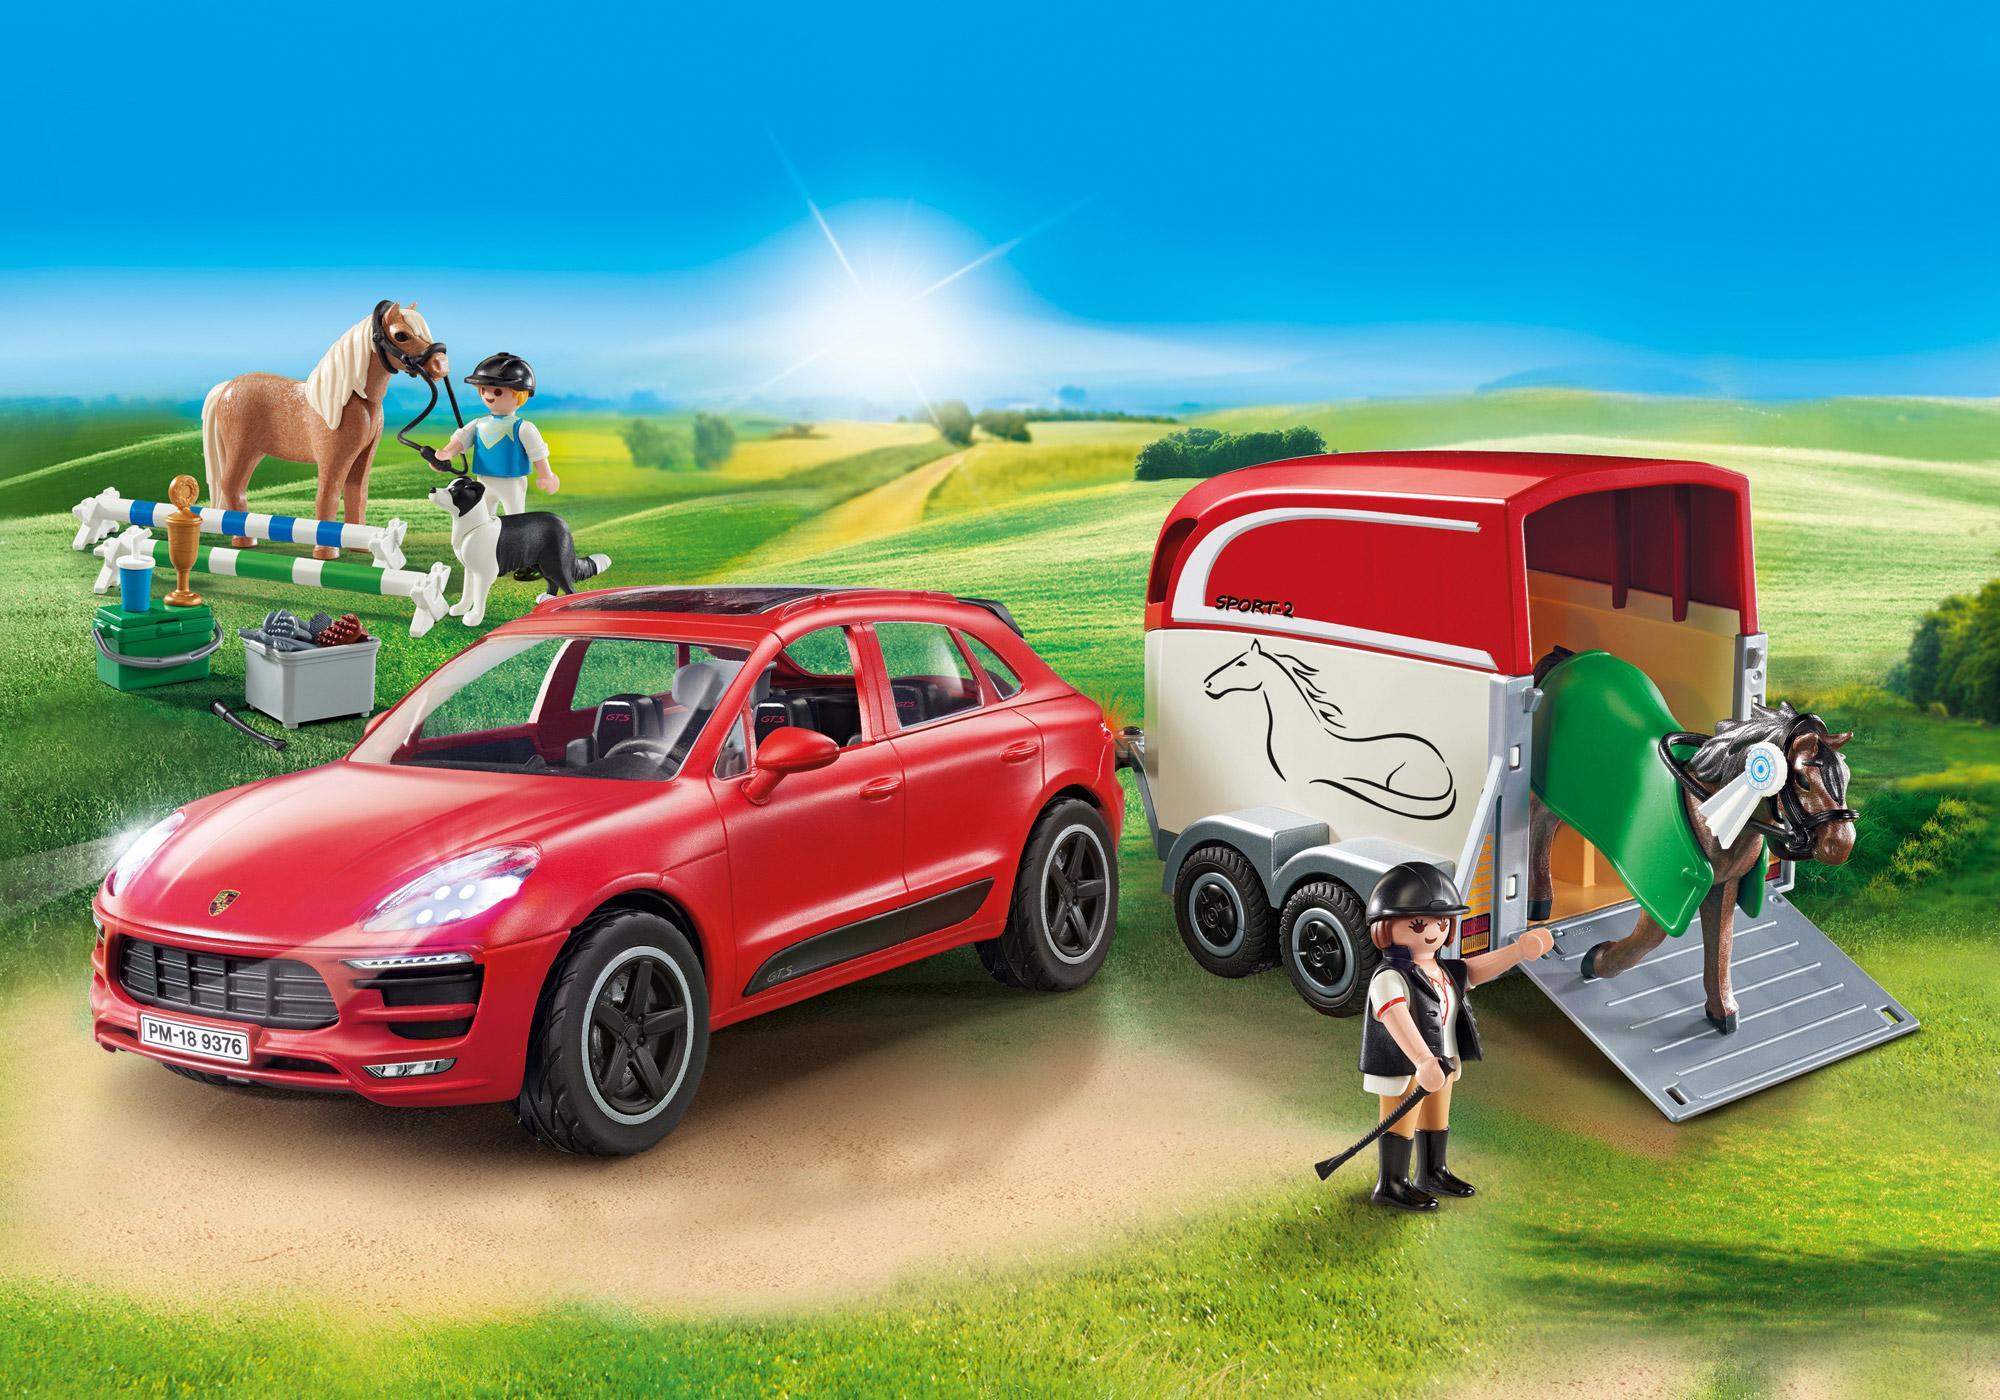 Porsche Macan Gts 9376 Playmobil Nederland